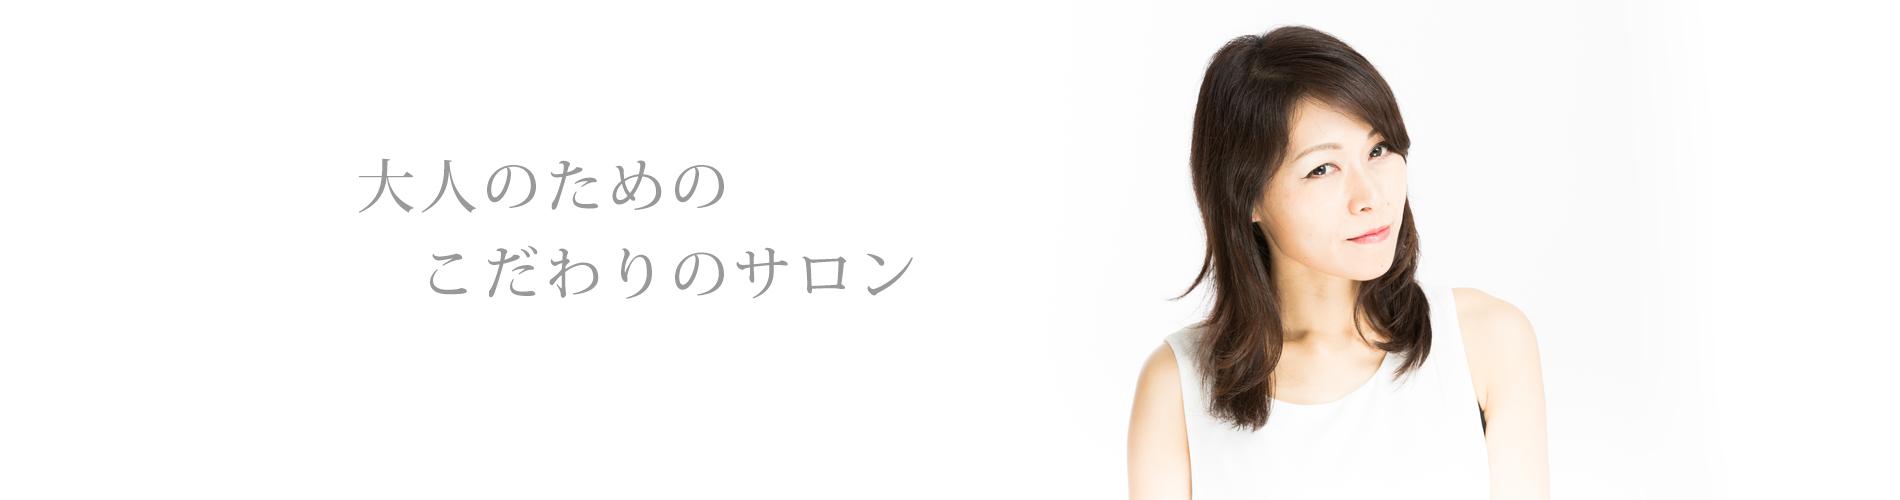 名古屋市守山区のエステスクール|ブライダルエステ|髪育|脱毛|トータルプロデュースKirei